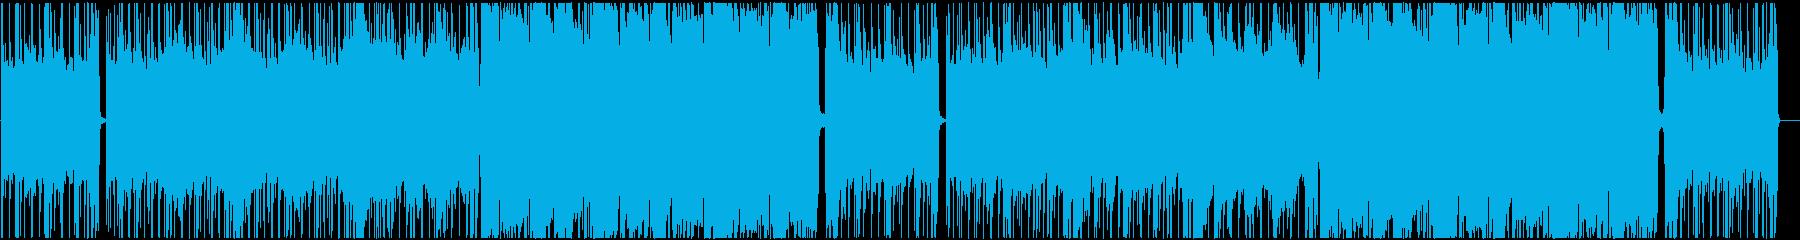 アコギが印象的なミドルバラードの再生済みの波形